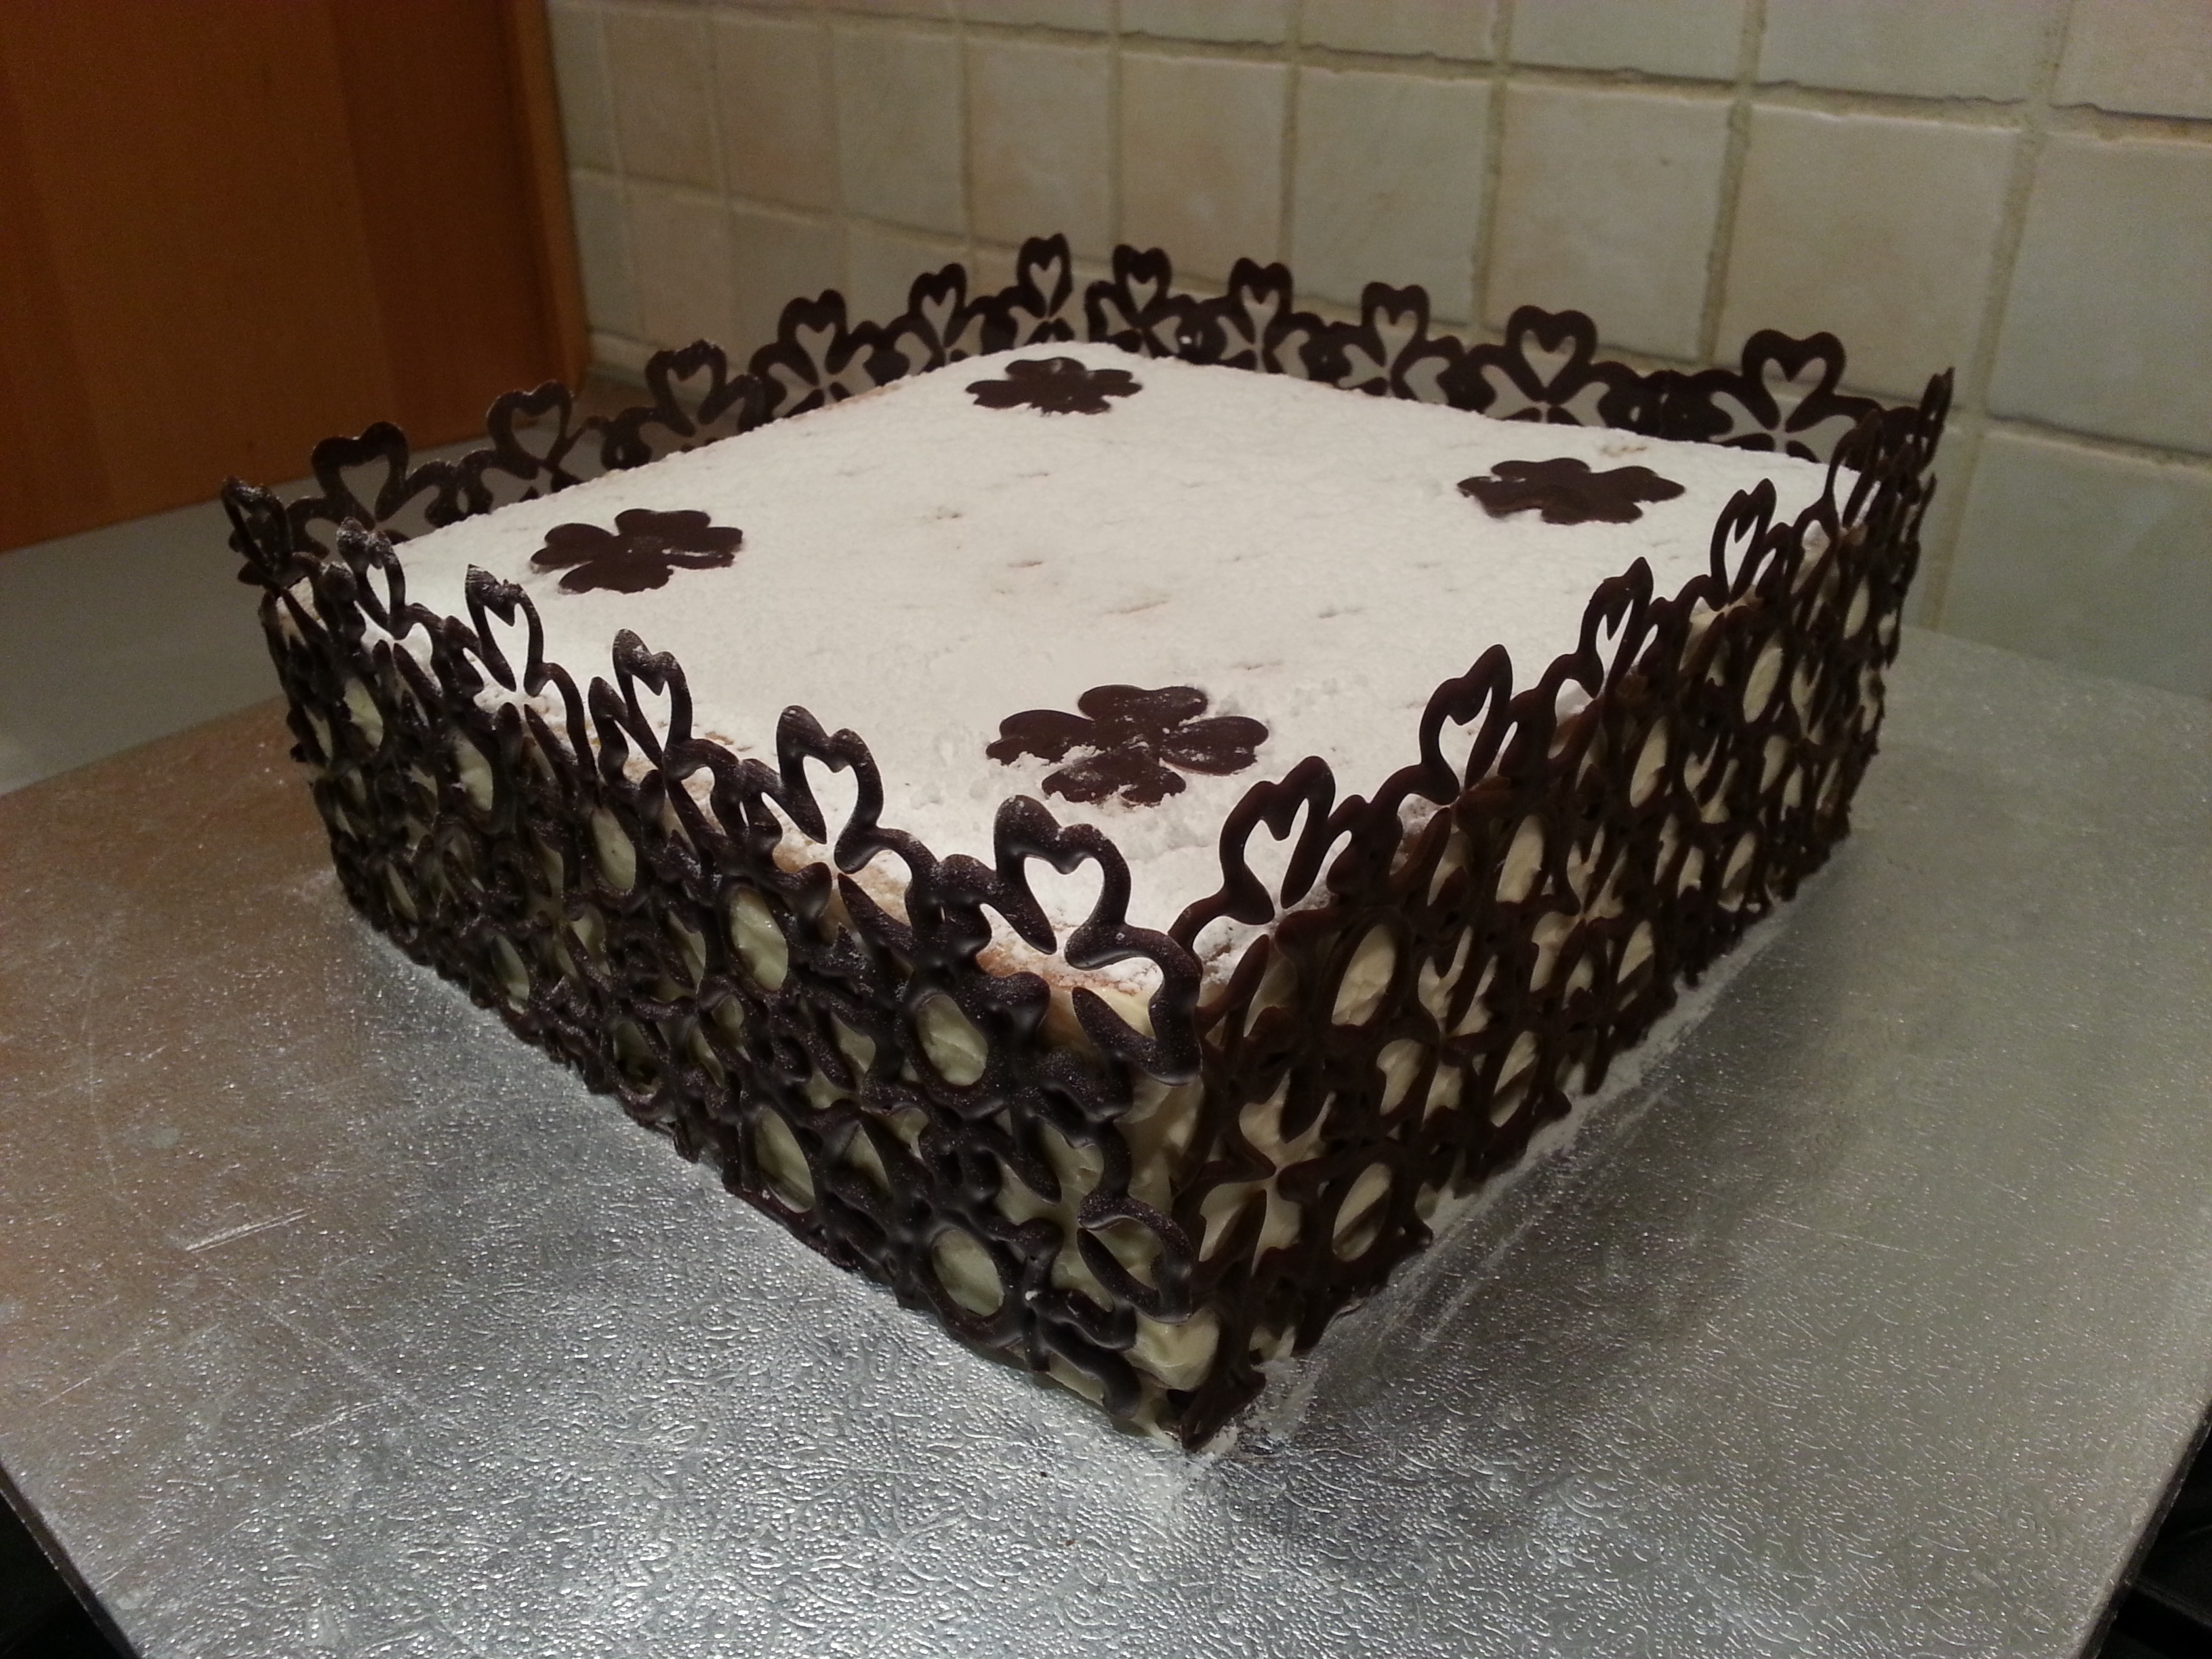 Avevo pochissimo tempo per fare la torta, così ho comprato le sfoglie già  pronte (già immagino i puristi che inorridiscono\u2026ma tant\u0027è, quando si ha  poco